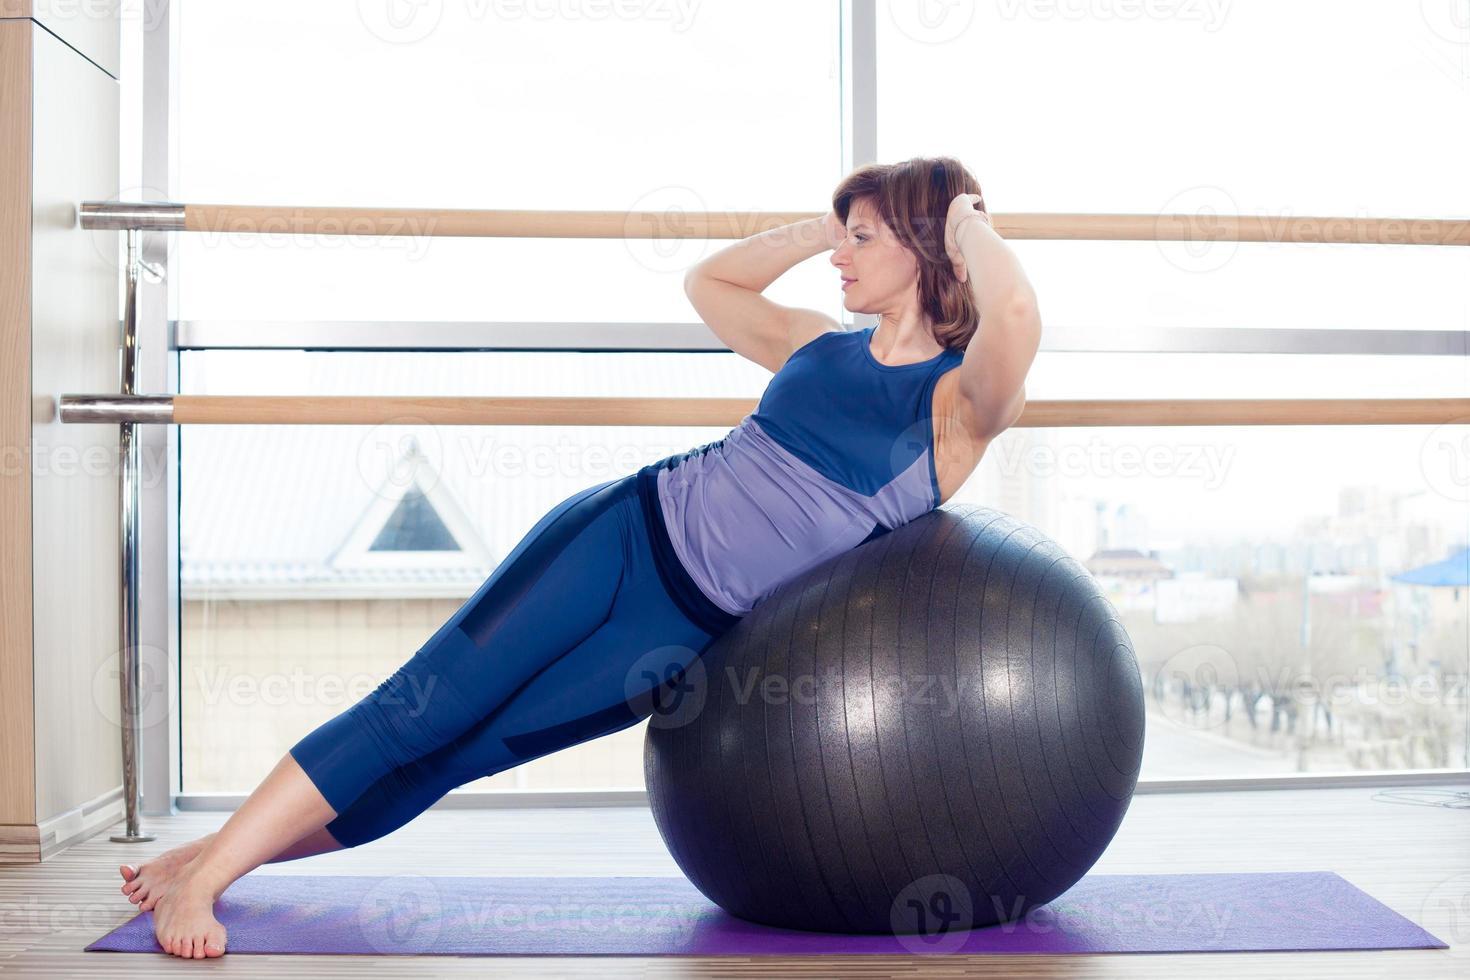 junges Mädchen, das im Fitnessstudio mit einem Ball trainiert foto